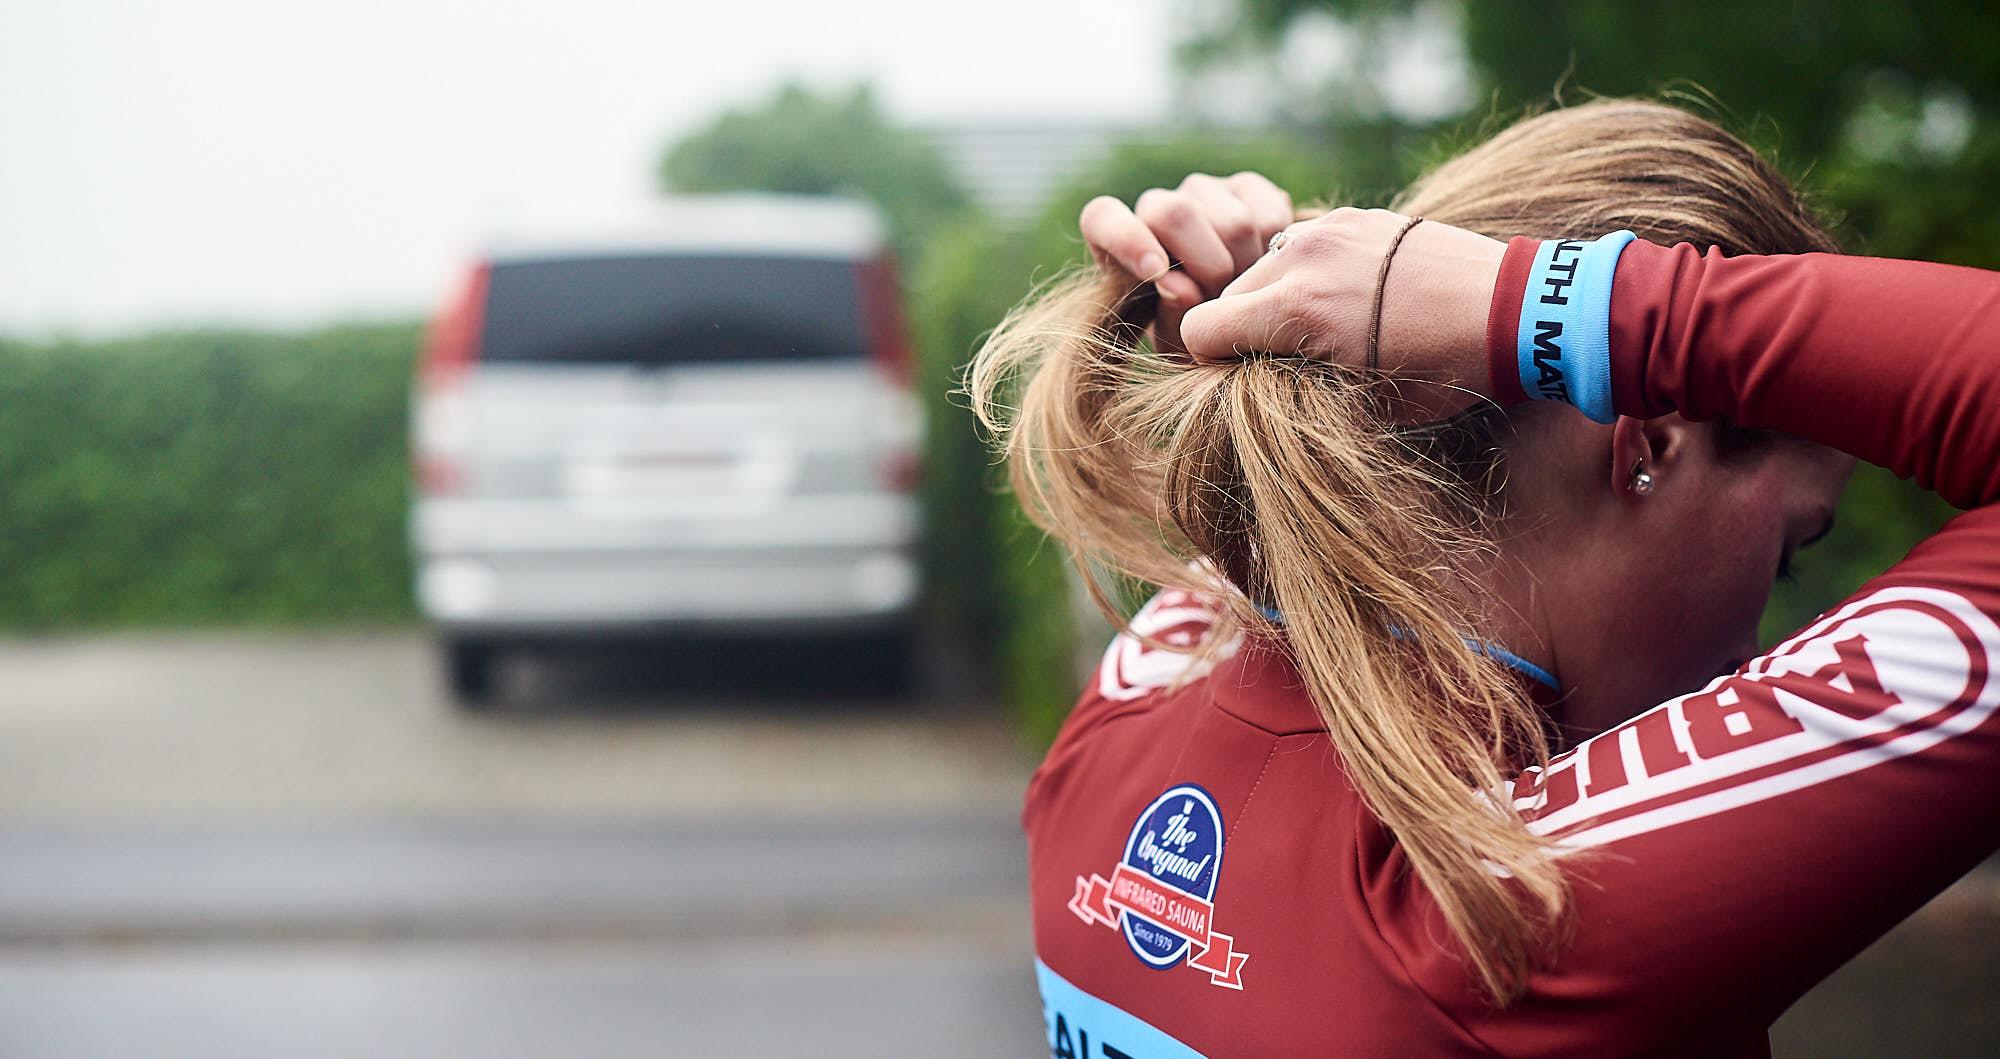 Elodie Kuijper fixing her hair